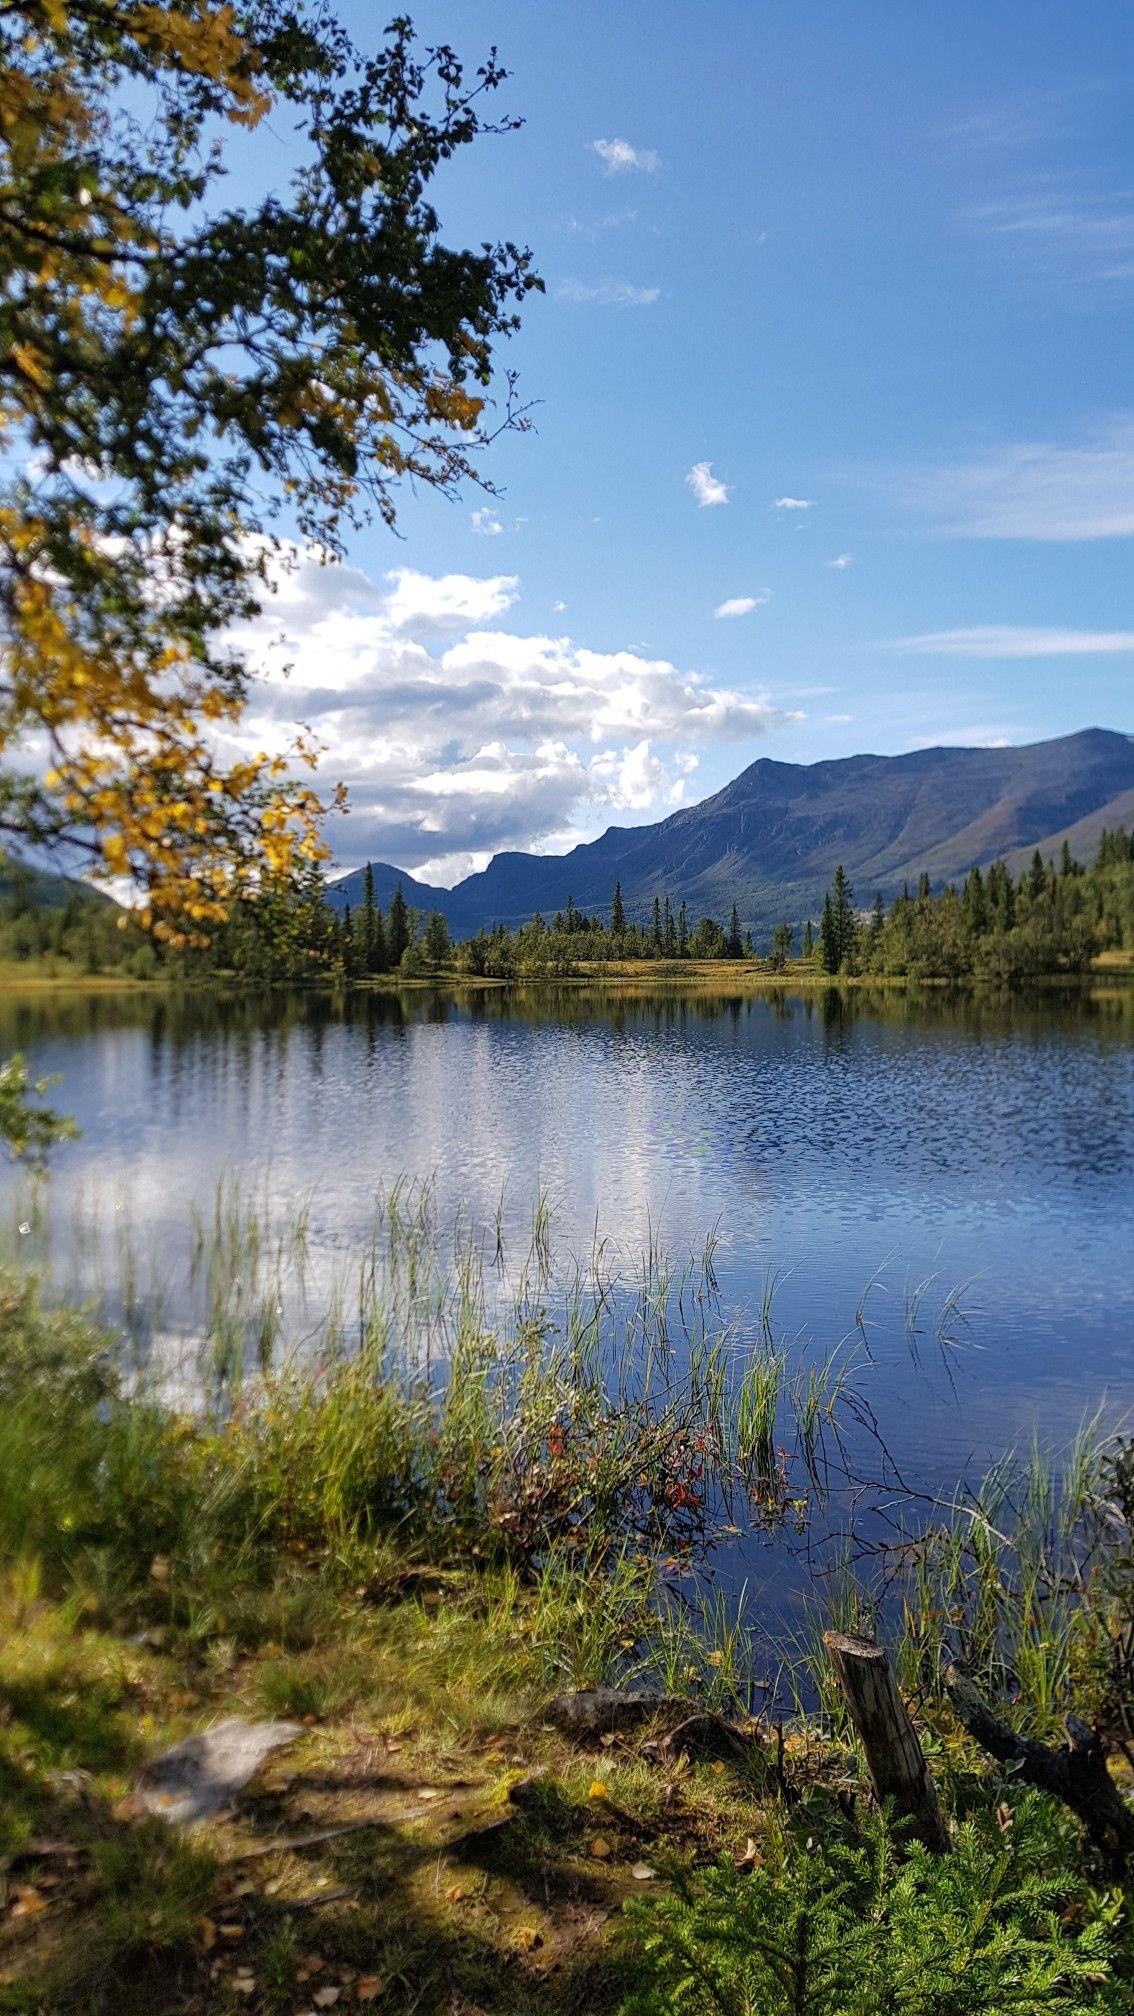 Ssɛaʊ Fʊl Cool Landscapes Nature Pictures Landscape Scenery